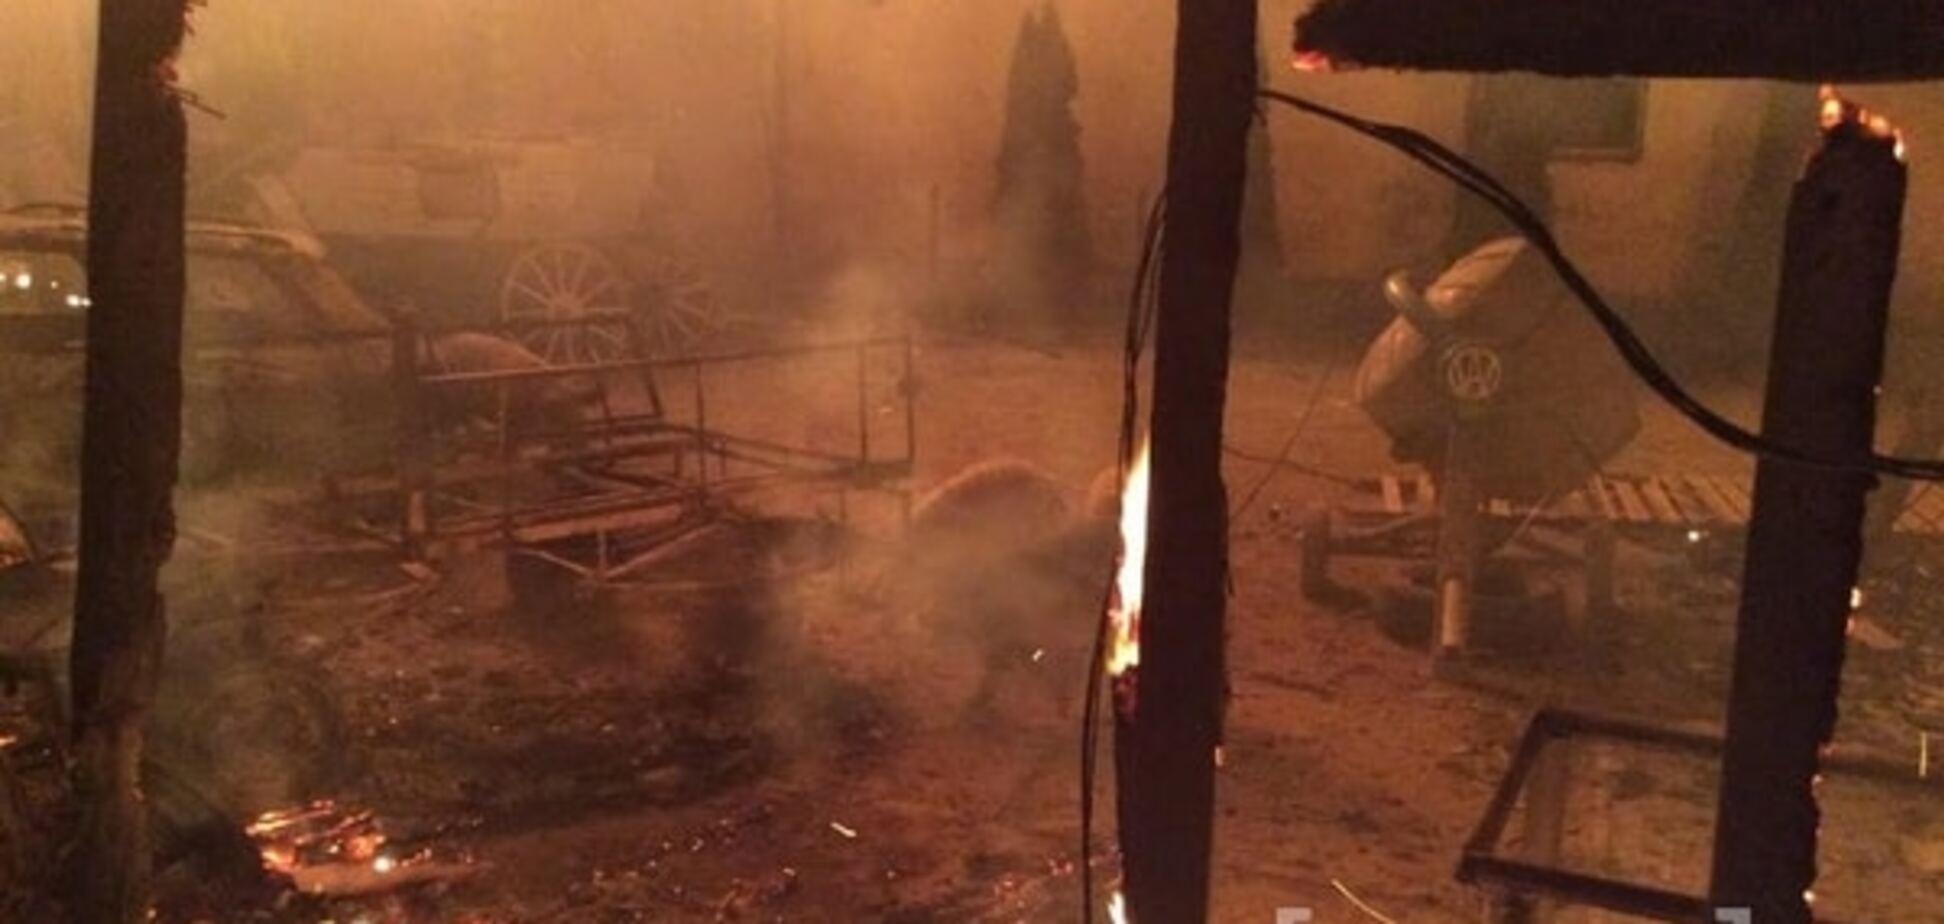 Циганський бунт в Мукачеві: роми спалили будинок 'Національного барона України'